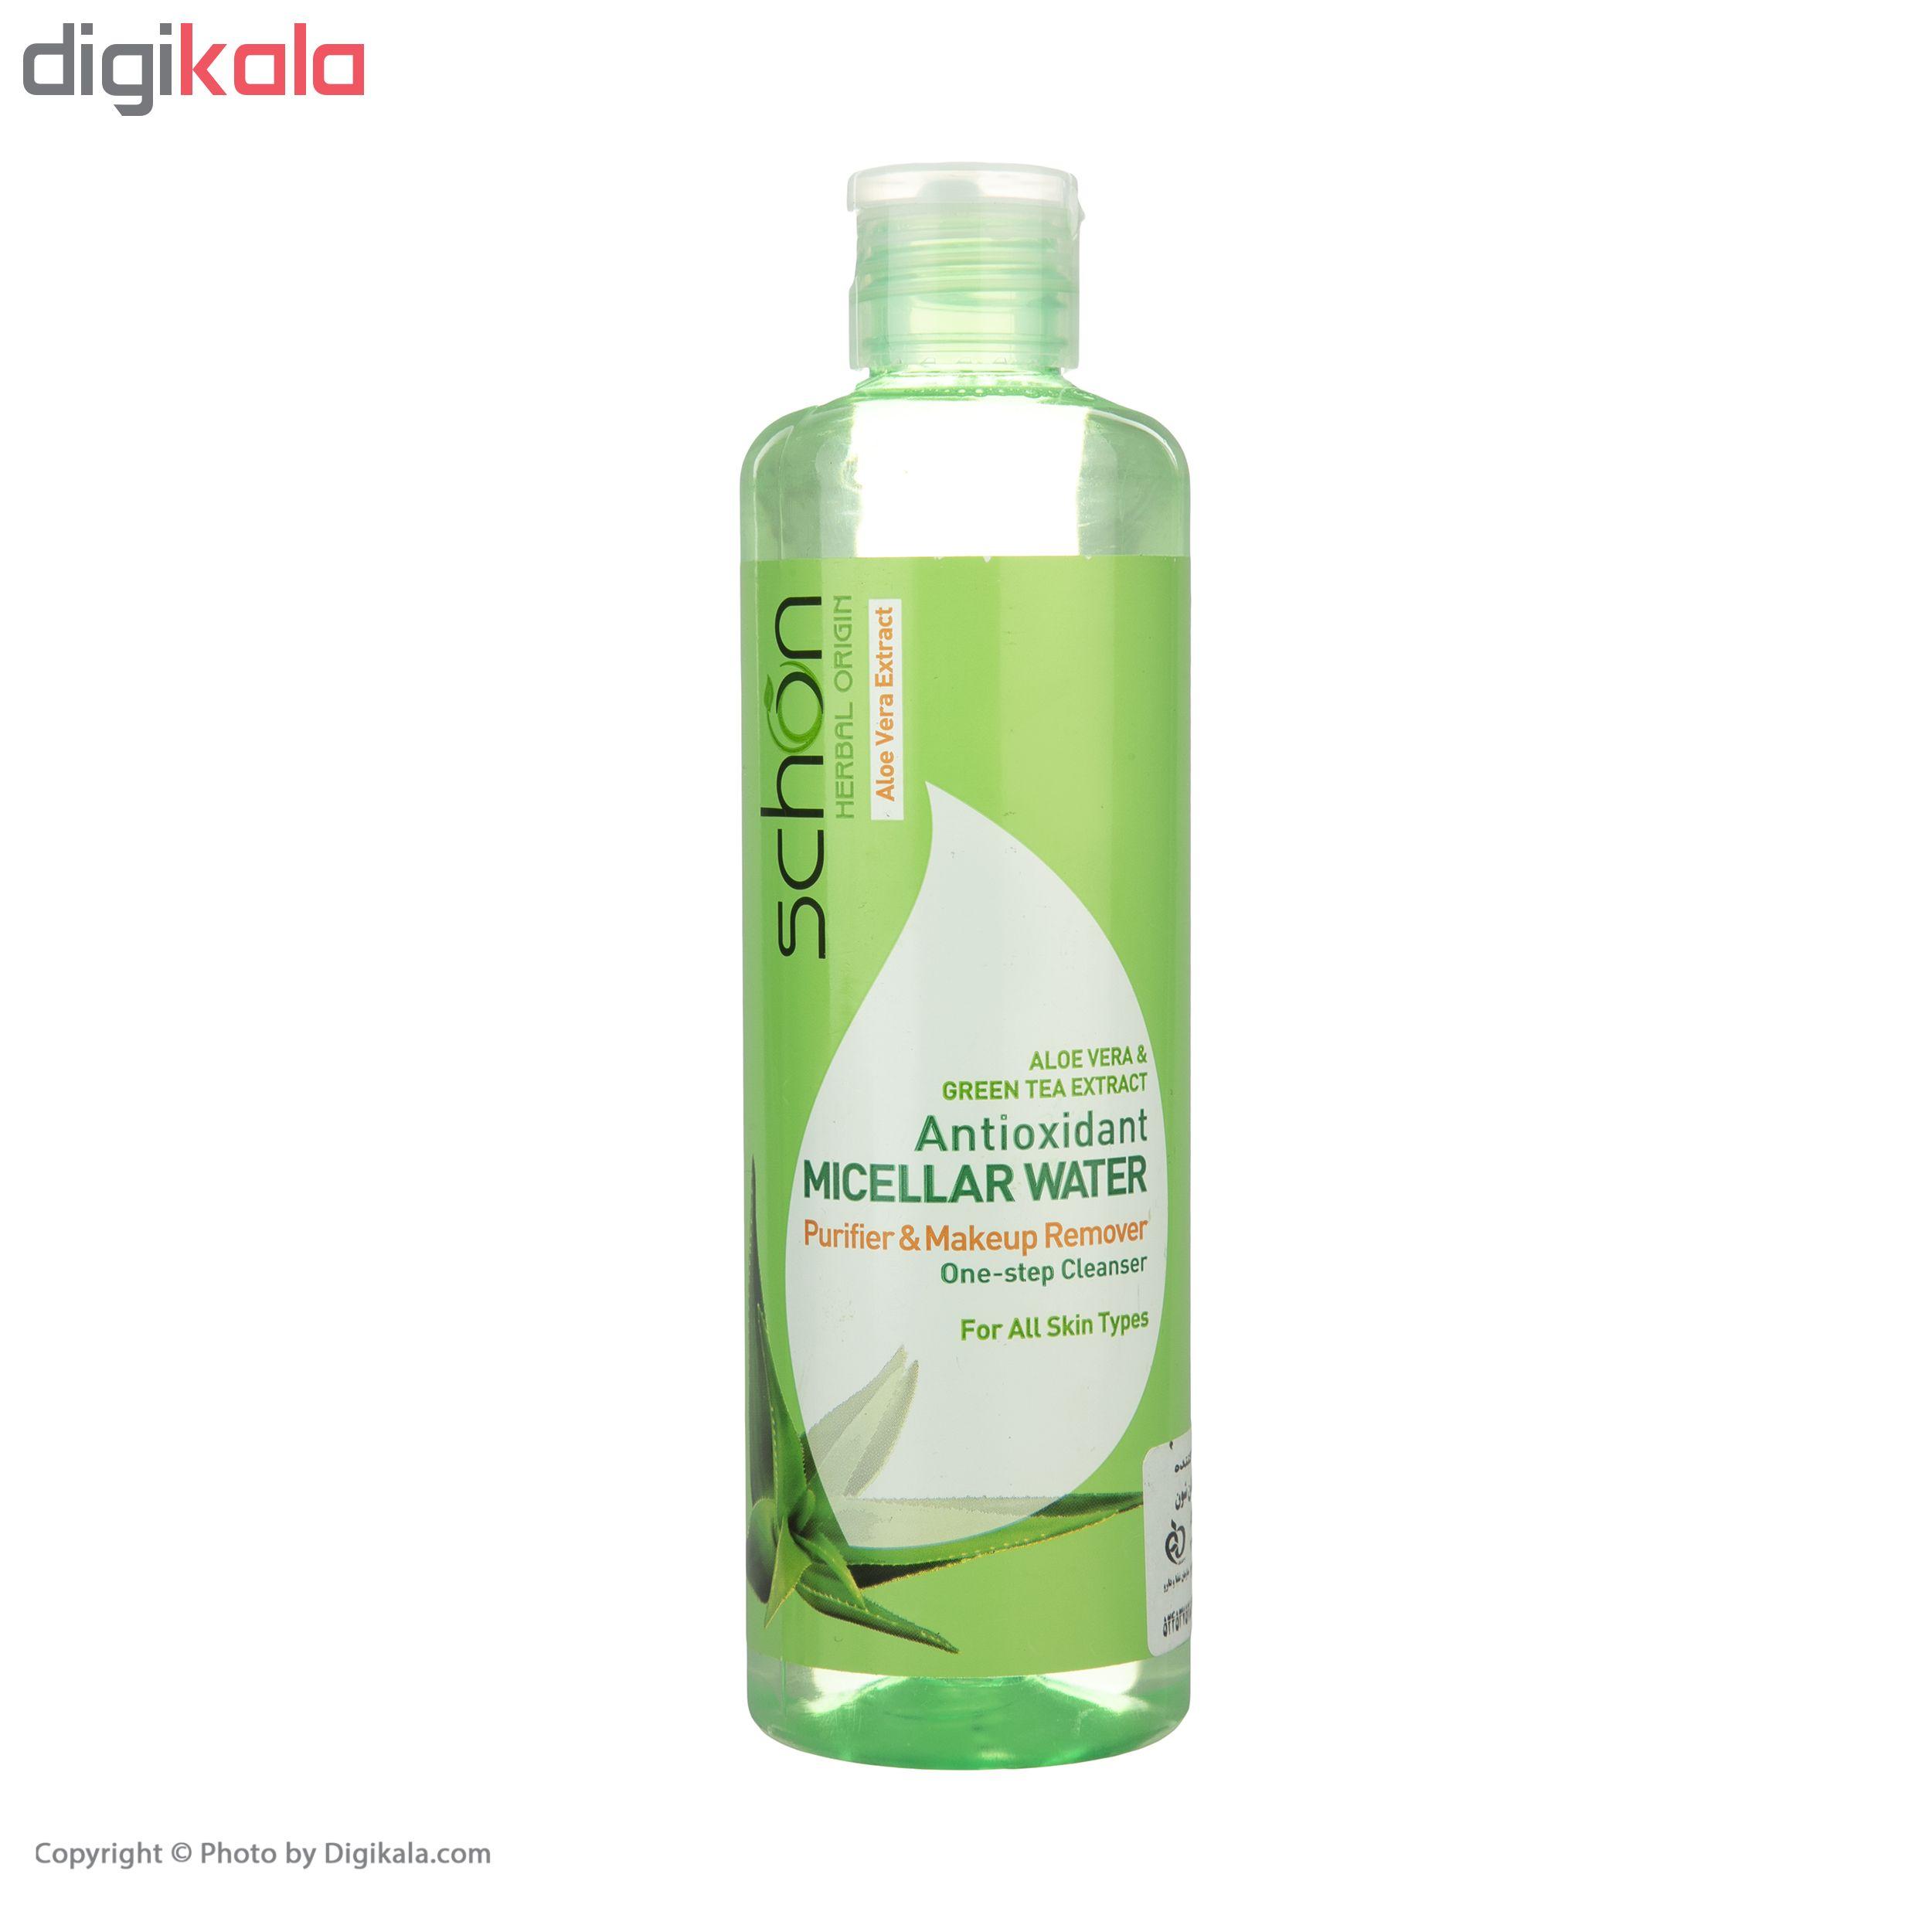 محلول پاک کننده شون مدل Antioxidant Micellar Water حجم 300 میلیلیتر